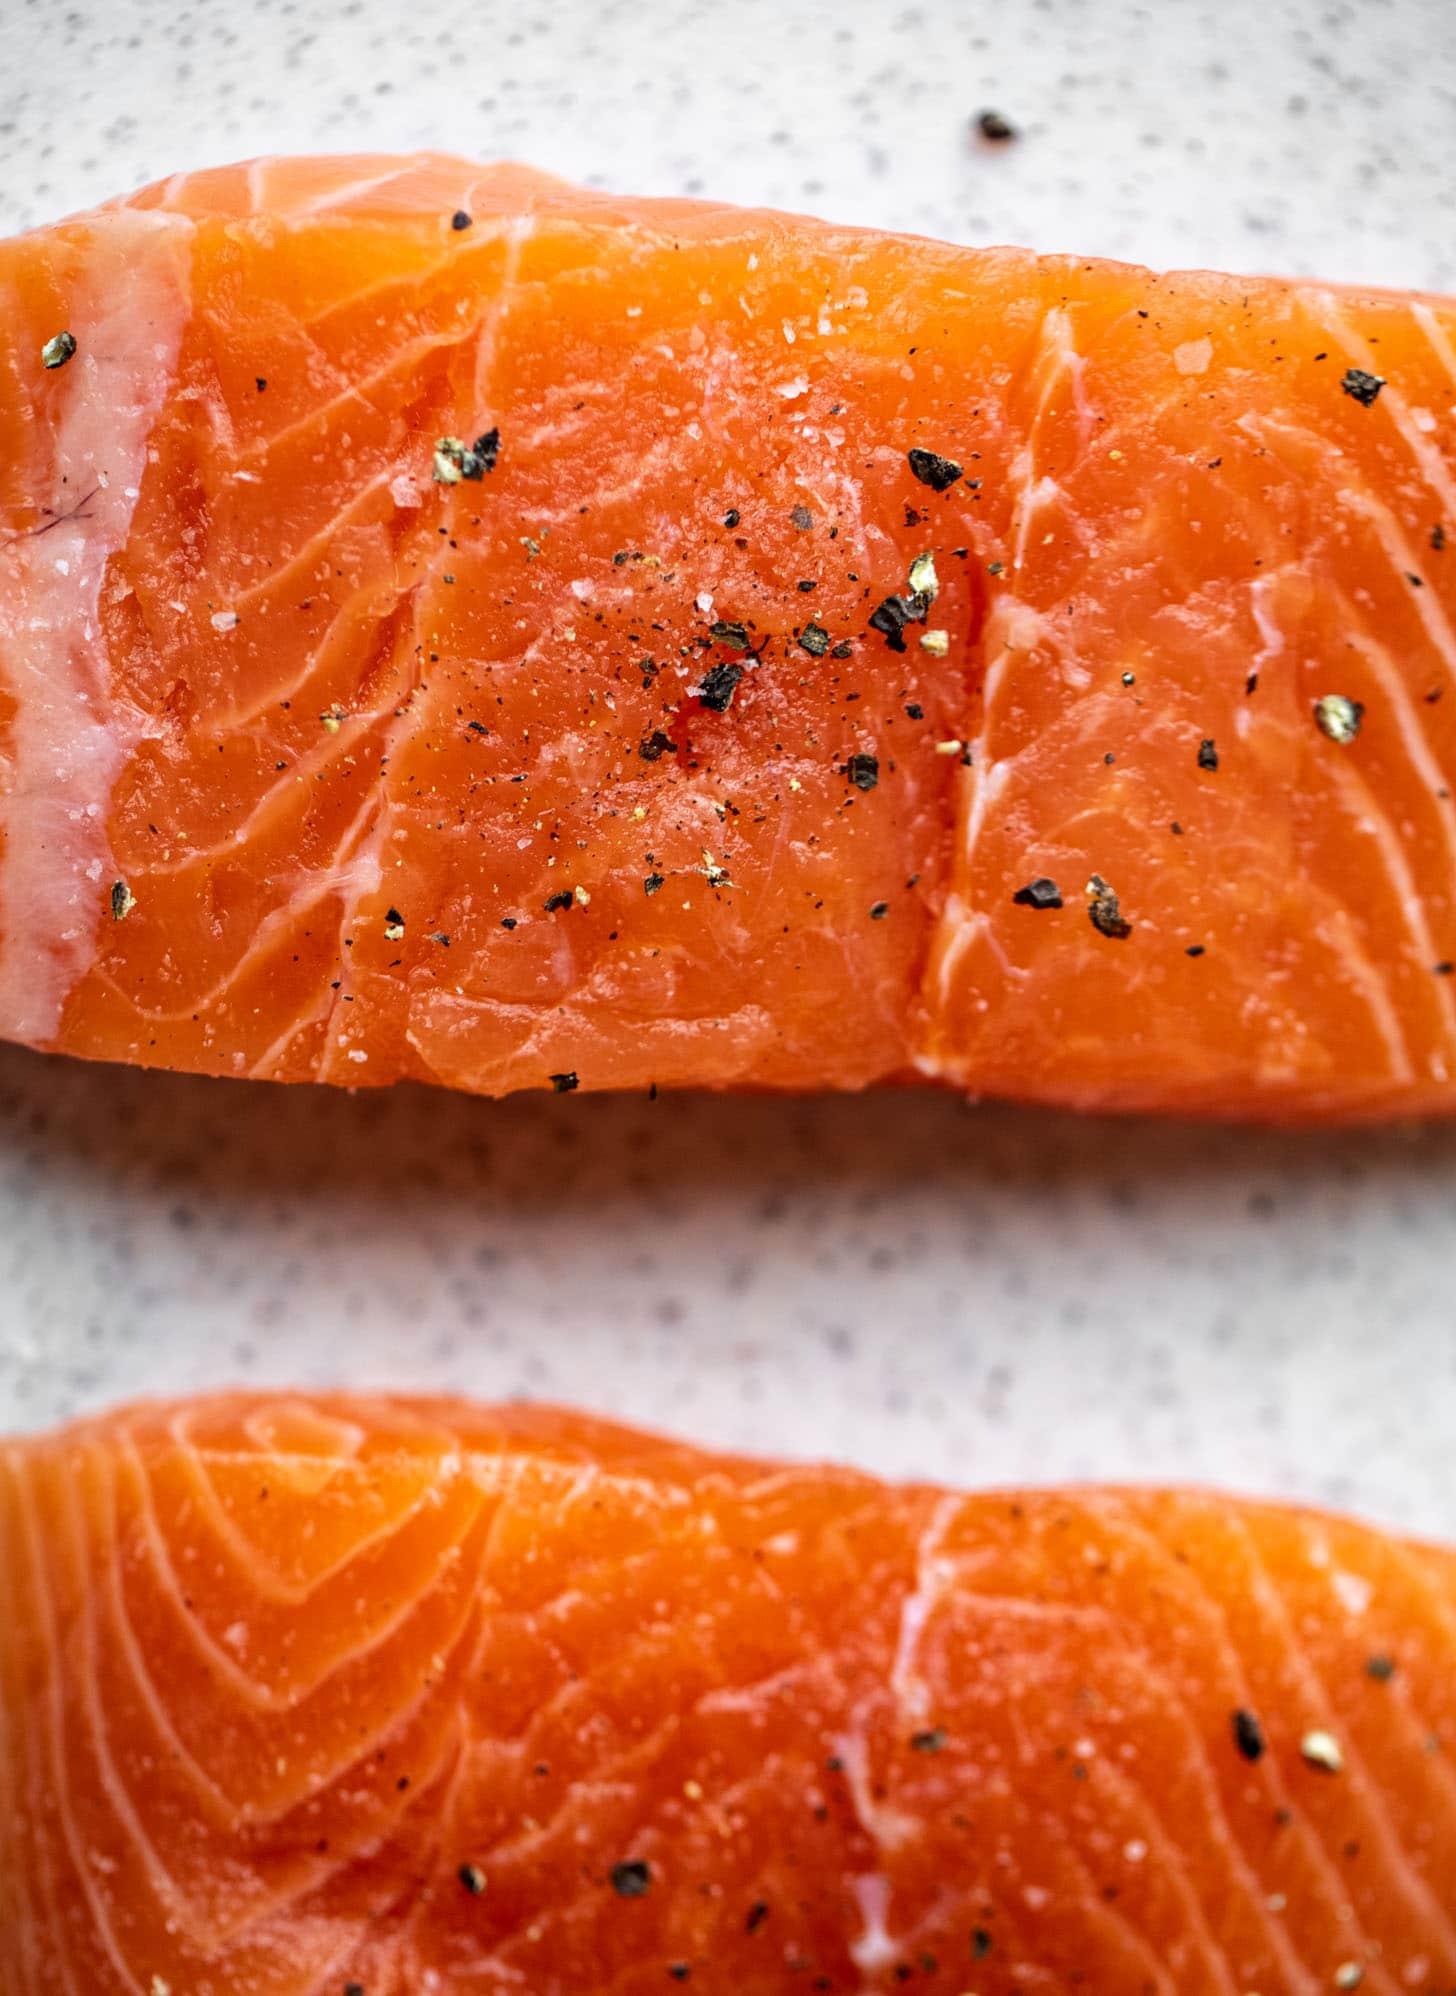 salmón fresco con sal y pimienta